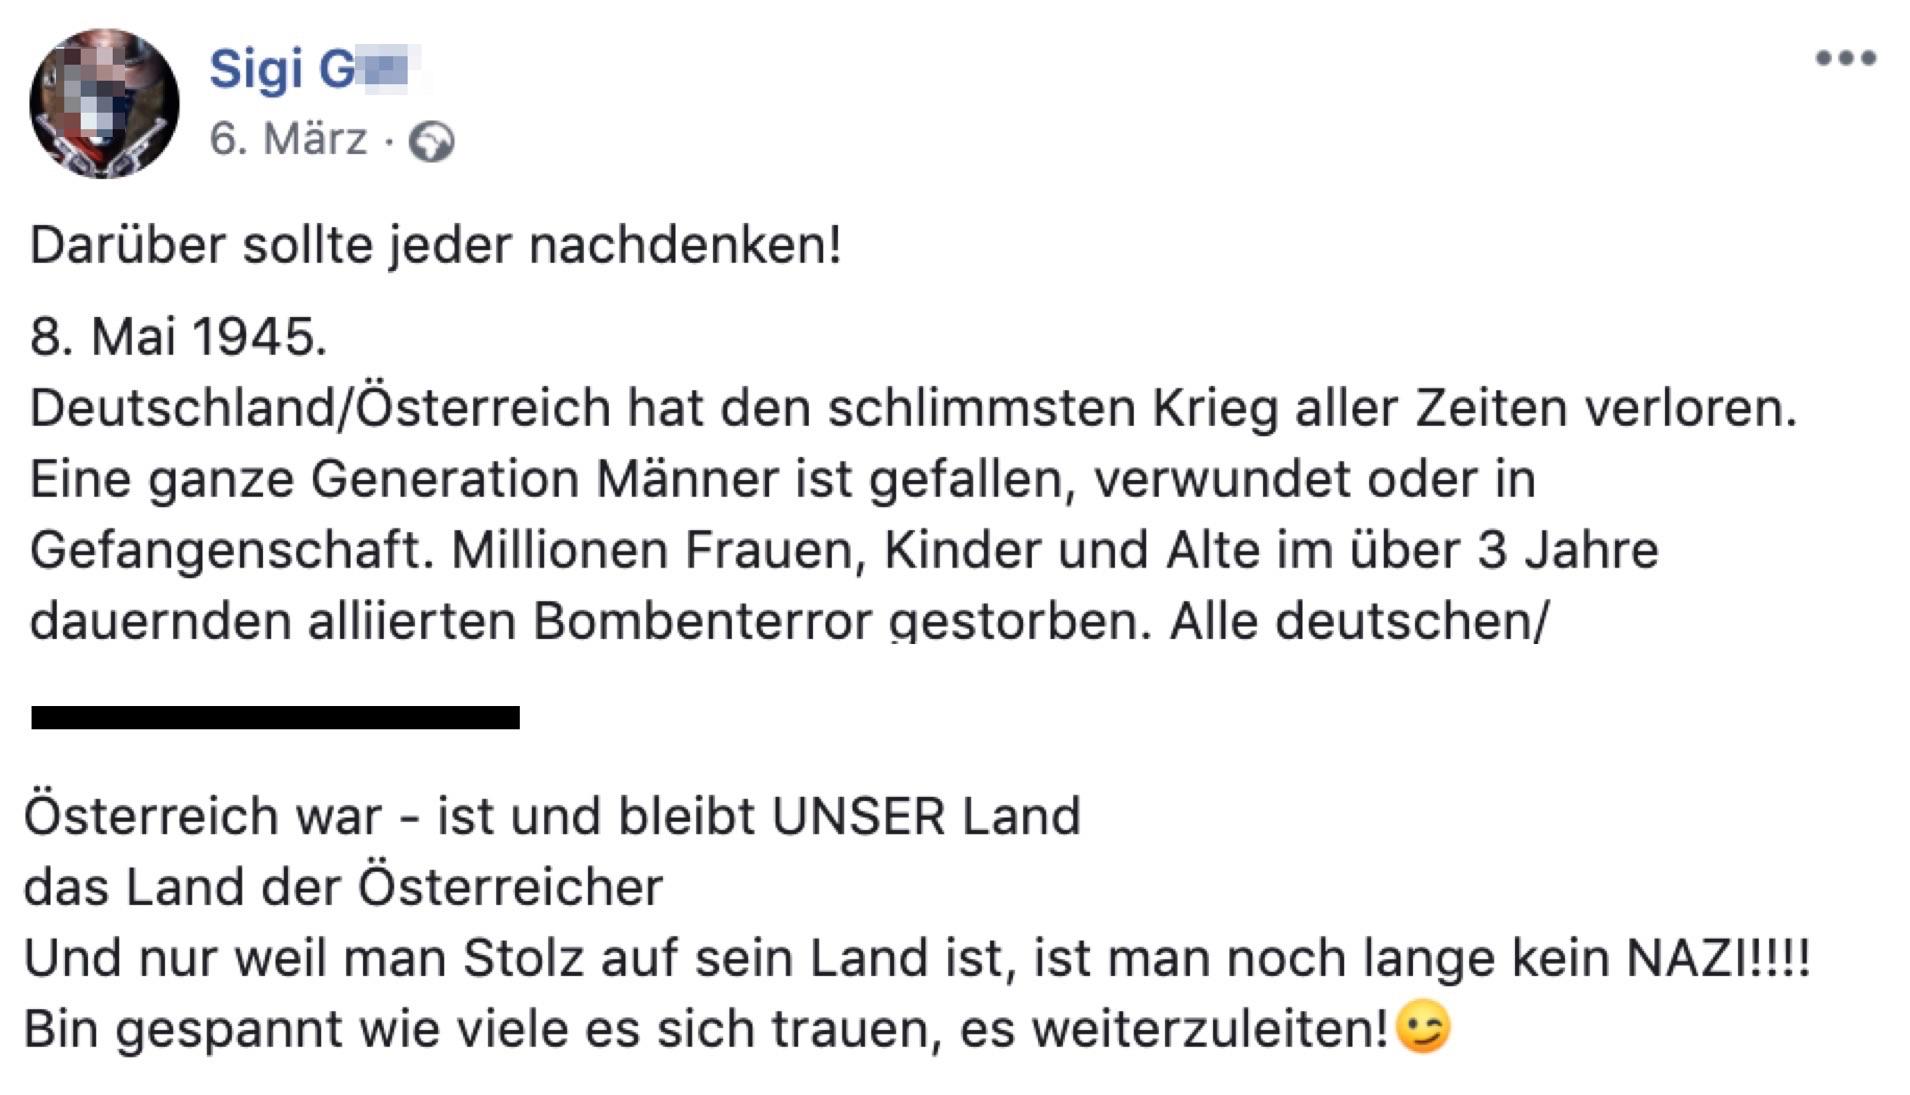 Sigi (G. eigentlich H.) ist nur ein stolzer Österreicher und kein NAZI!!!!